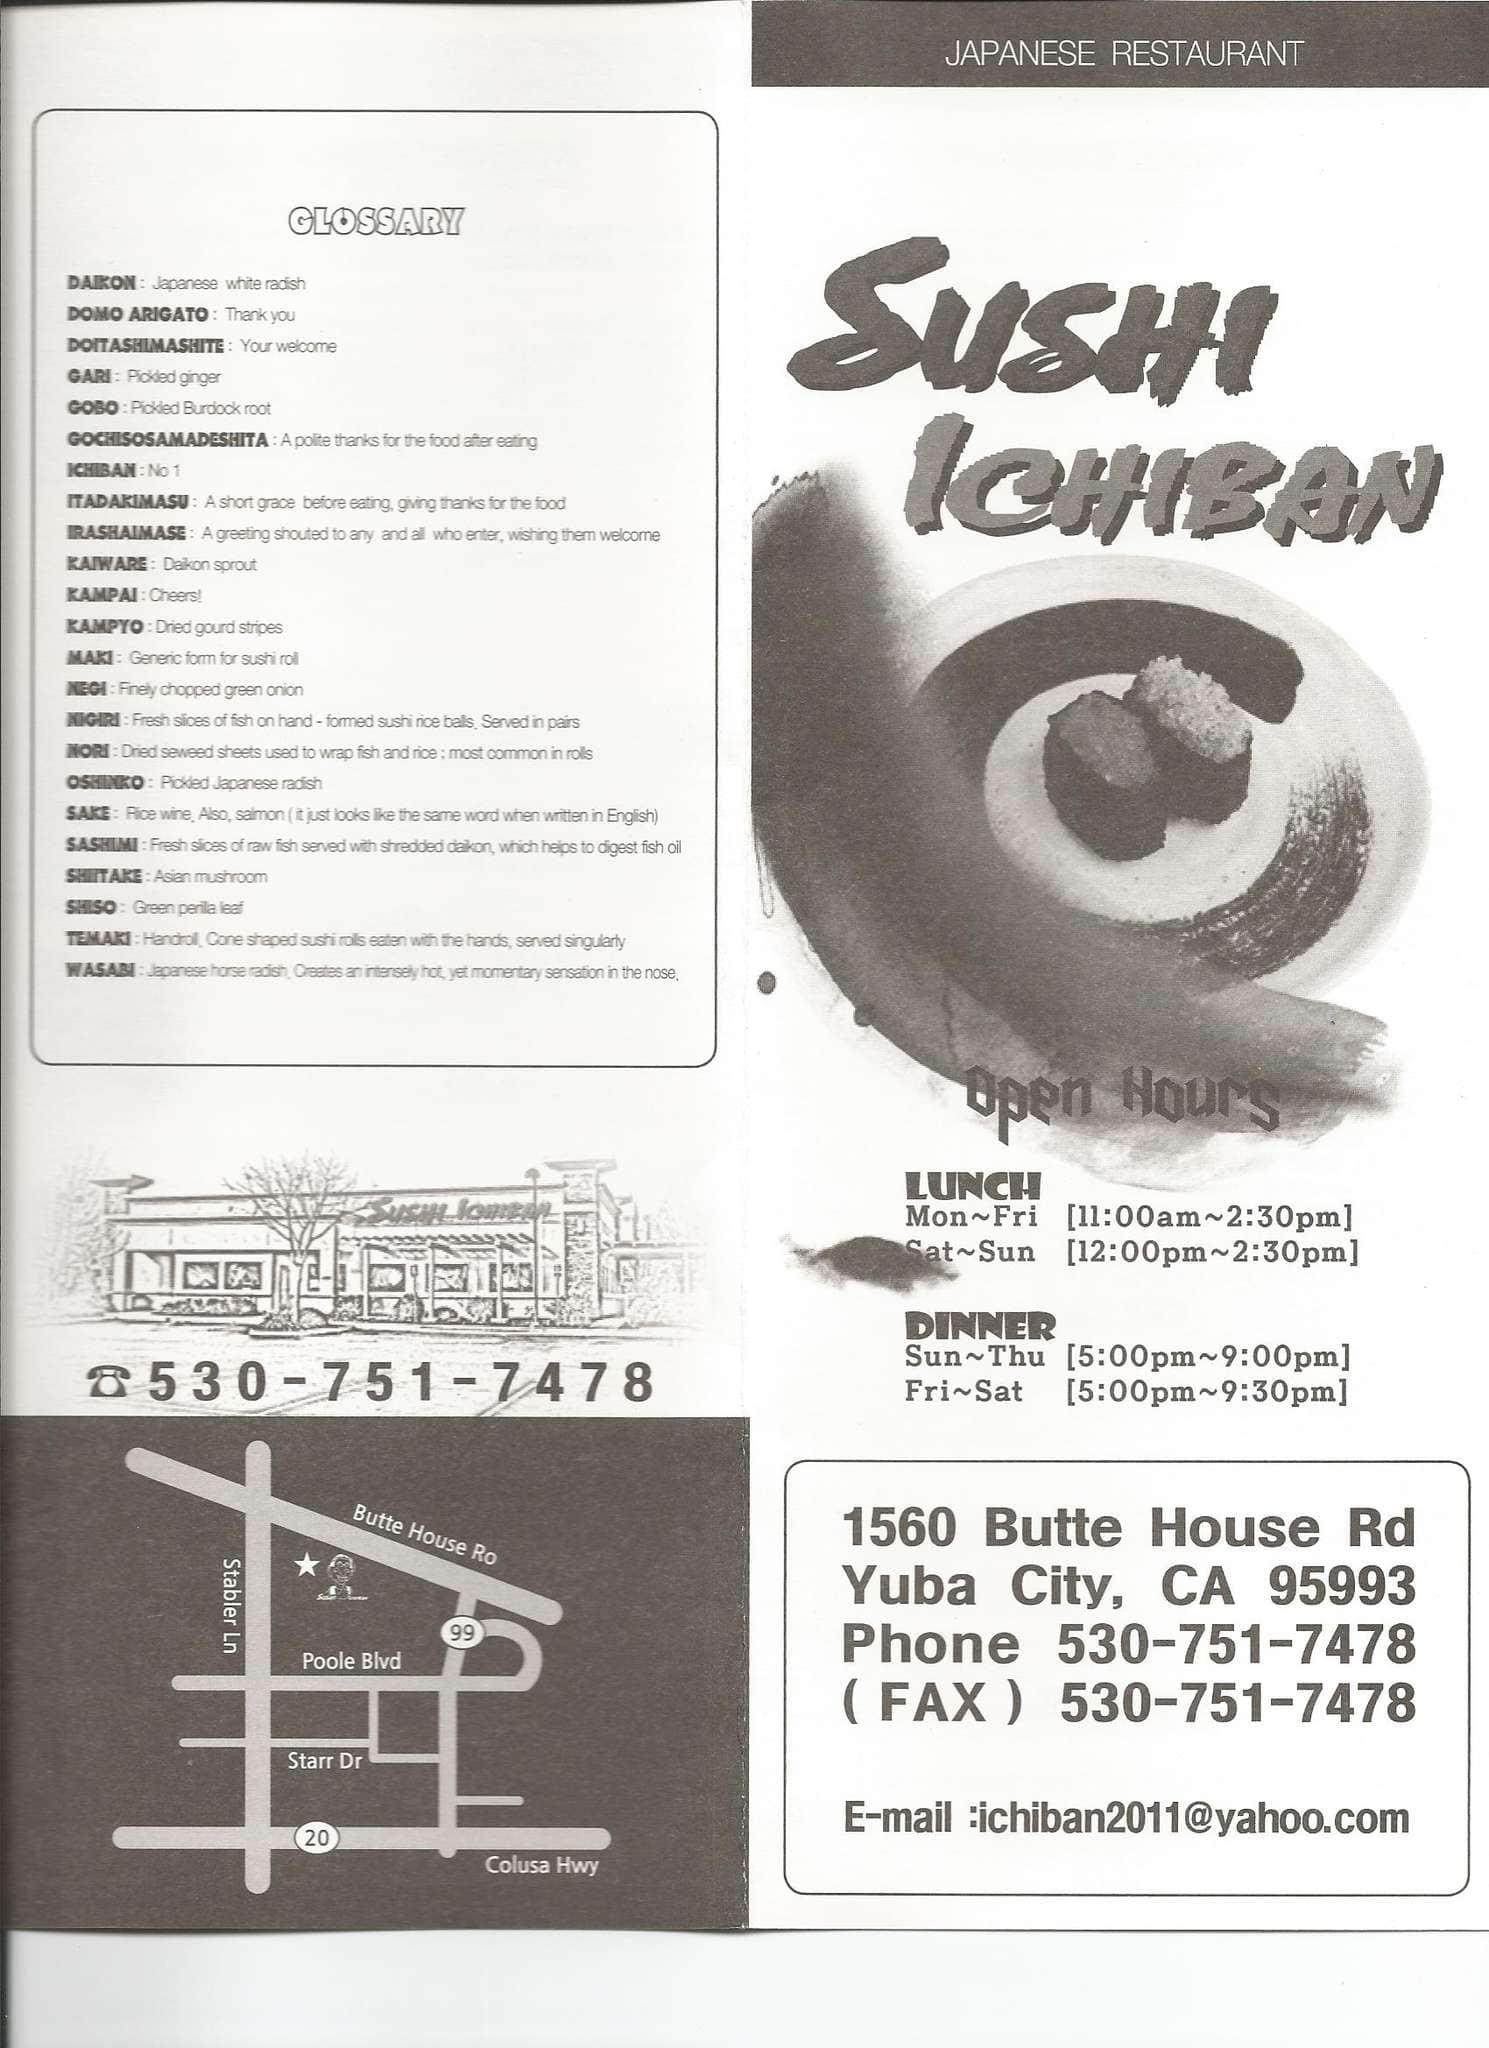 Sushi yuba city